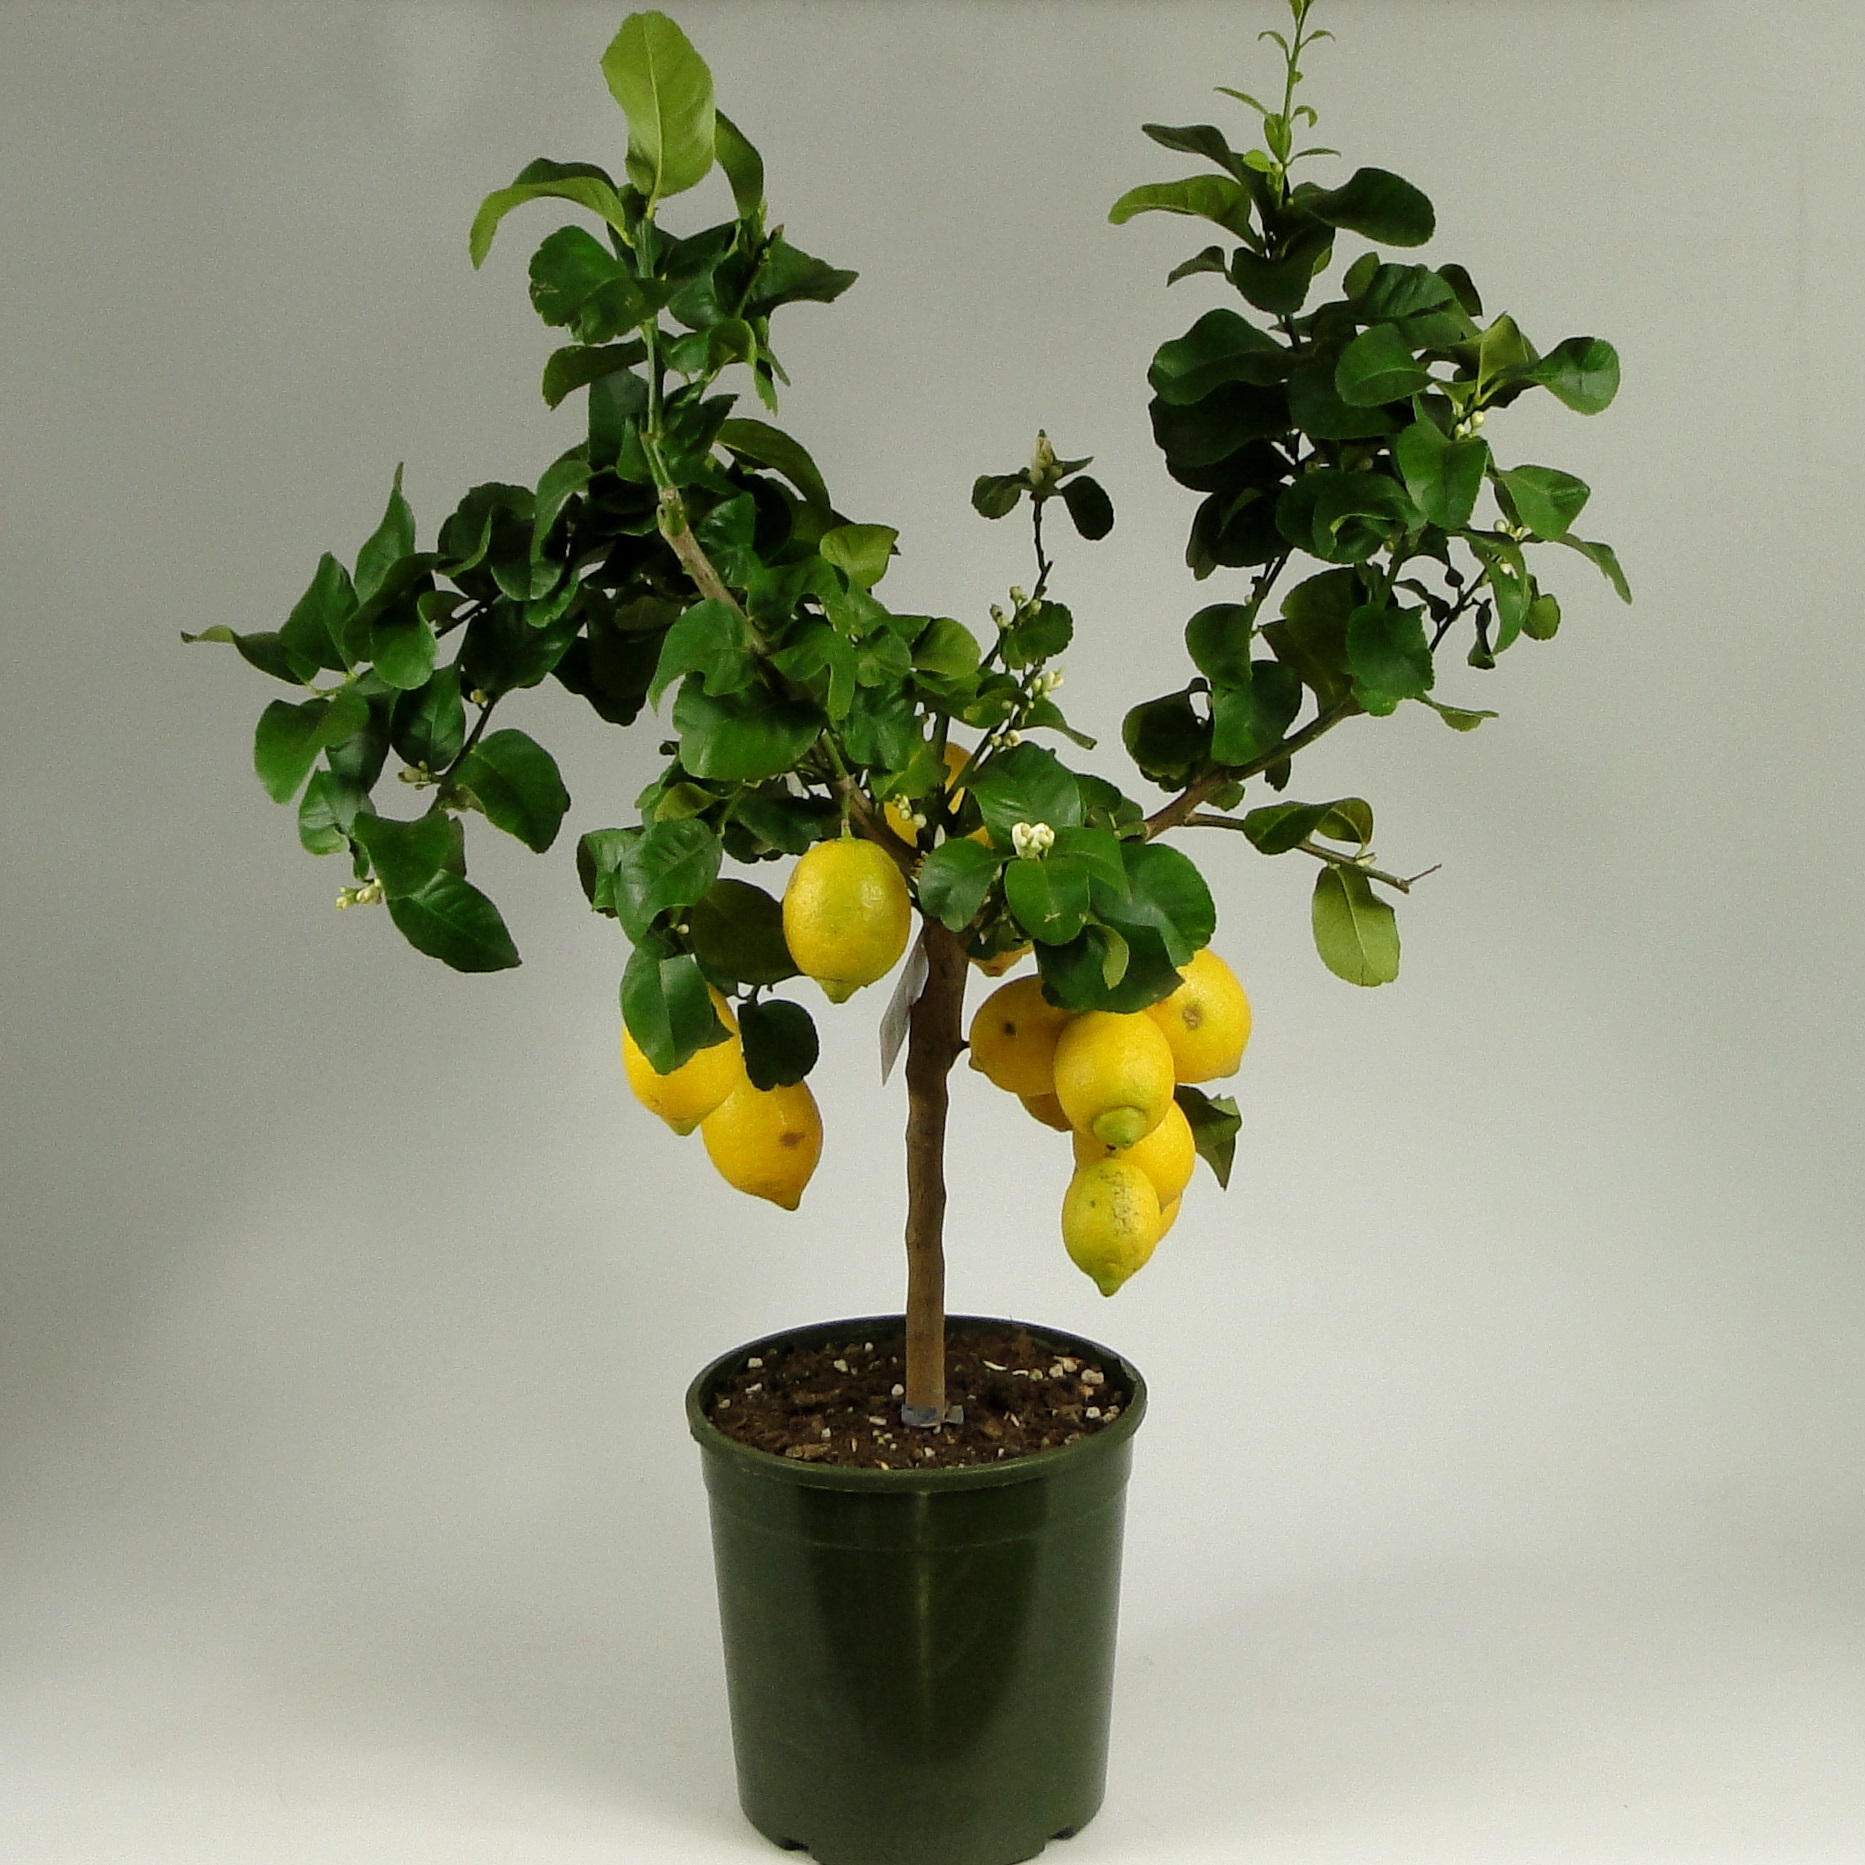 Комнатный лимон: описание сортов для выращивания деревьев в горшках